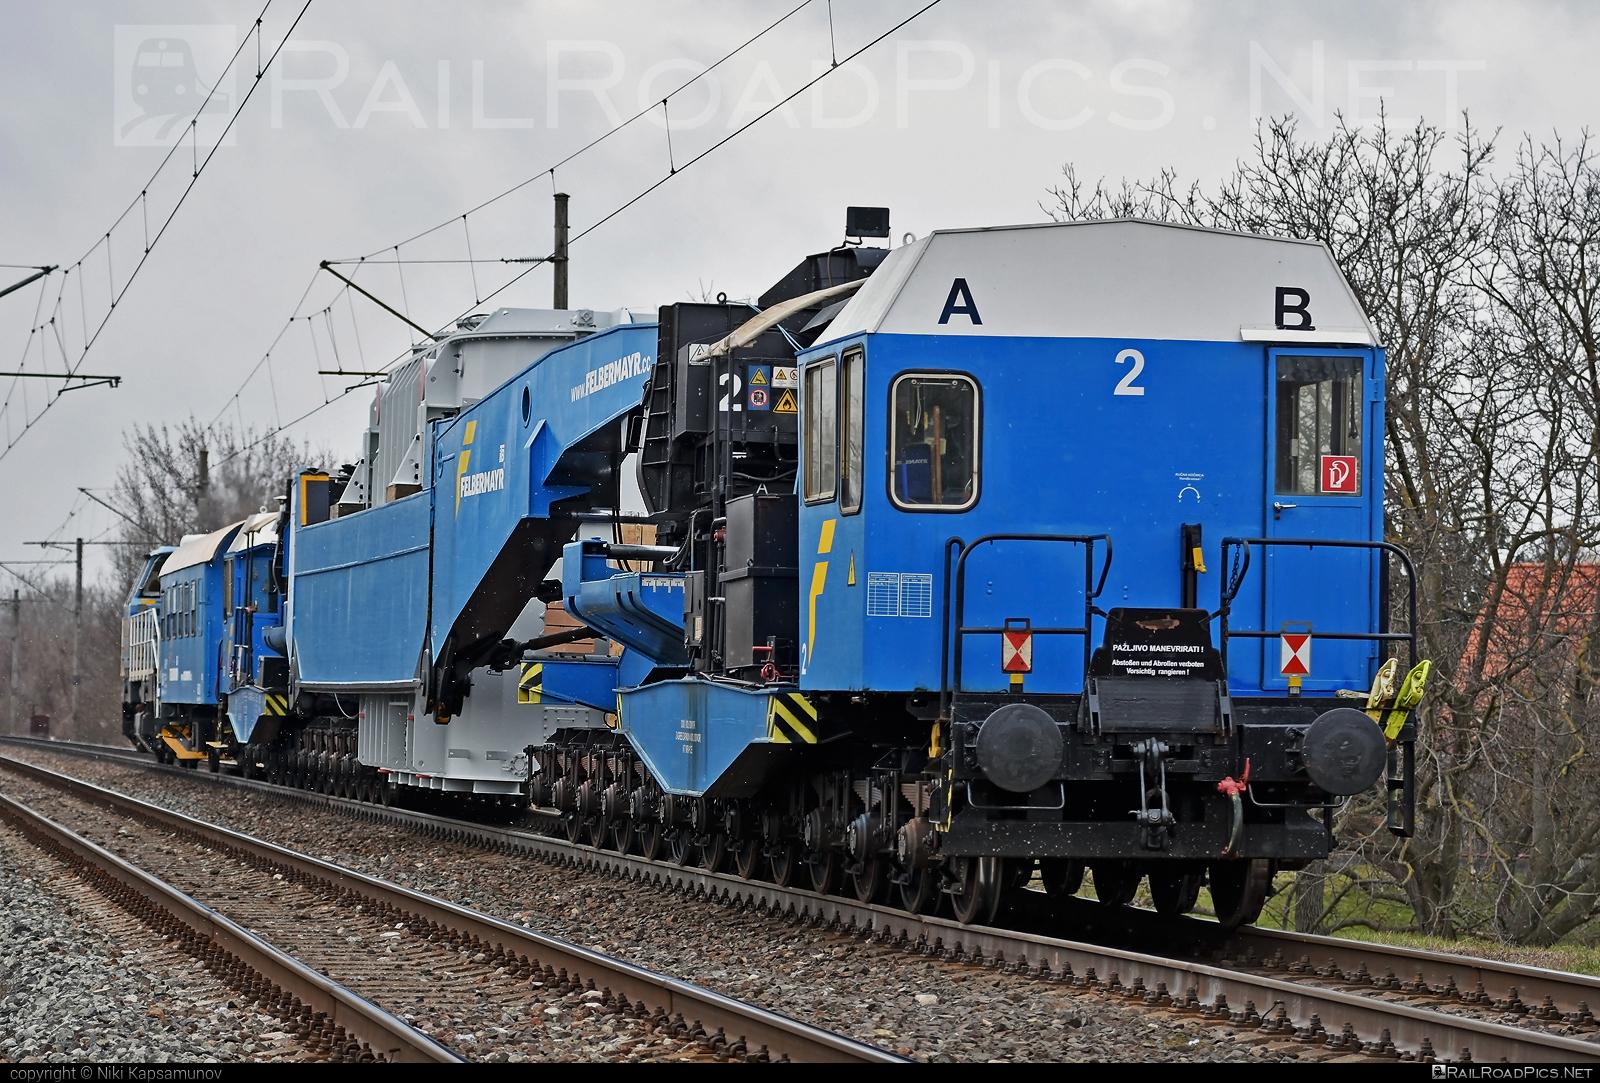 Class U - Uaai - 84 83 9964 900-5 I-FELB operated by Felbermayr Transport- und Hebetechnik GmbH & Co KG #FelbermayrTransportUndHebetechnik #felbermayr #uaai